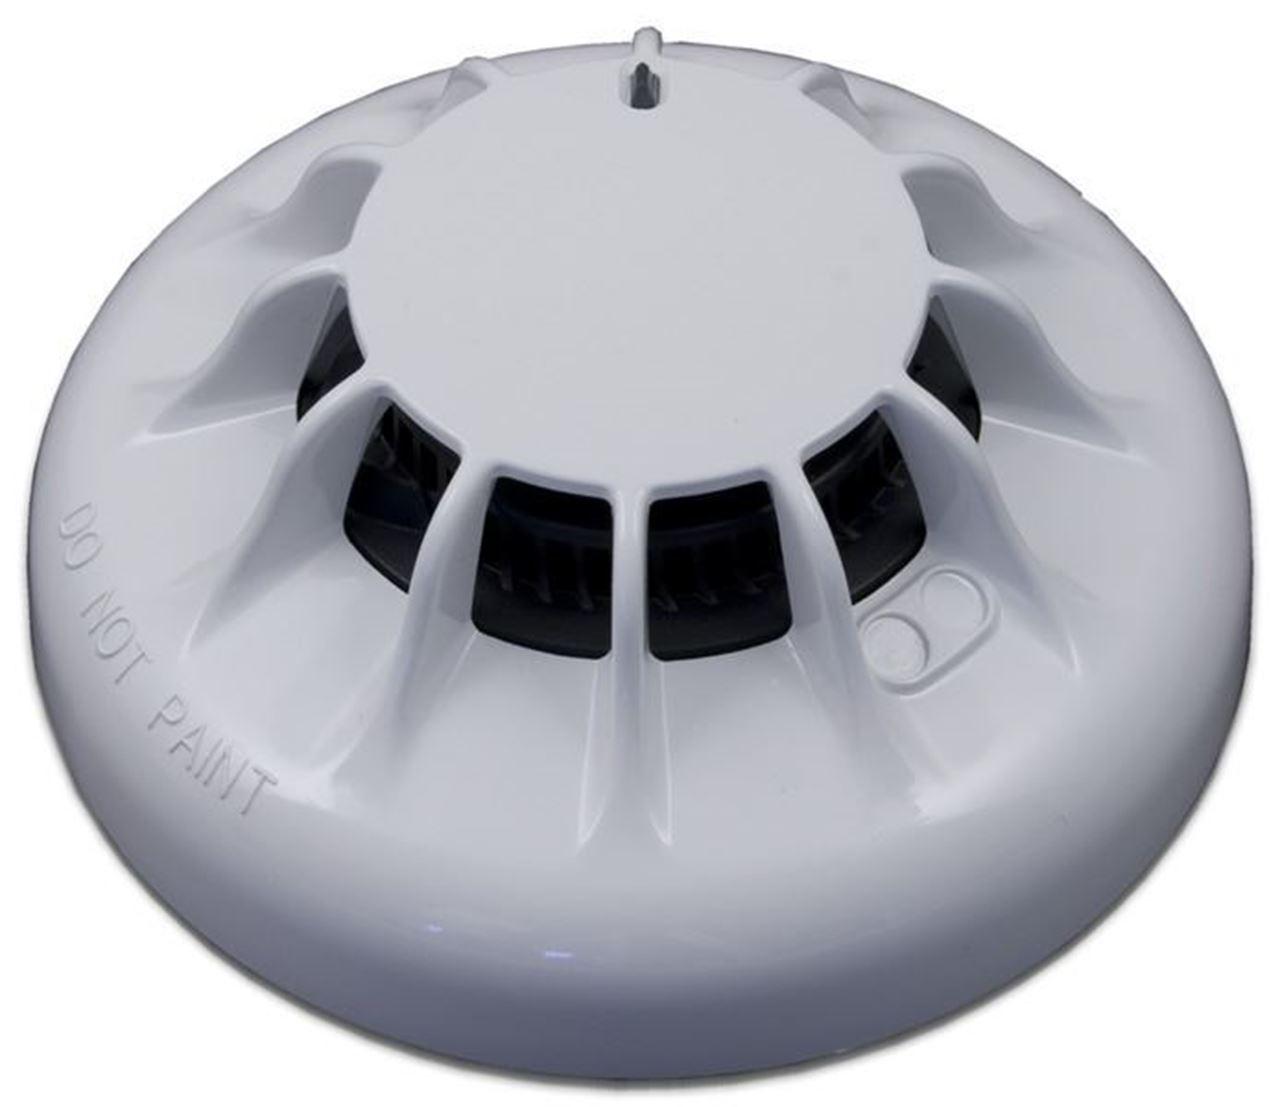 Bentel security FC460P - Optical smoke detector Armenia Vantag LLC